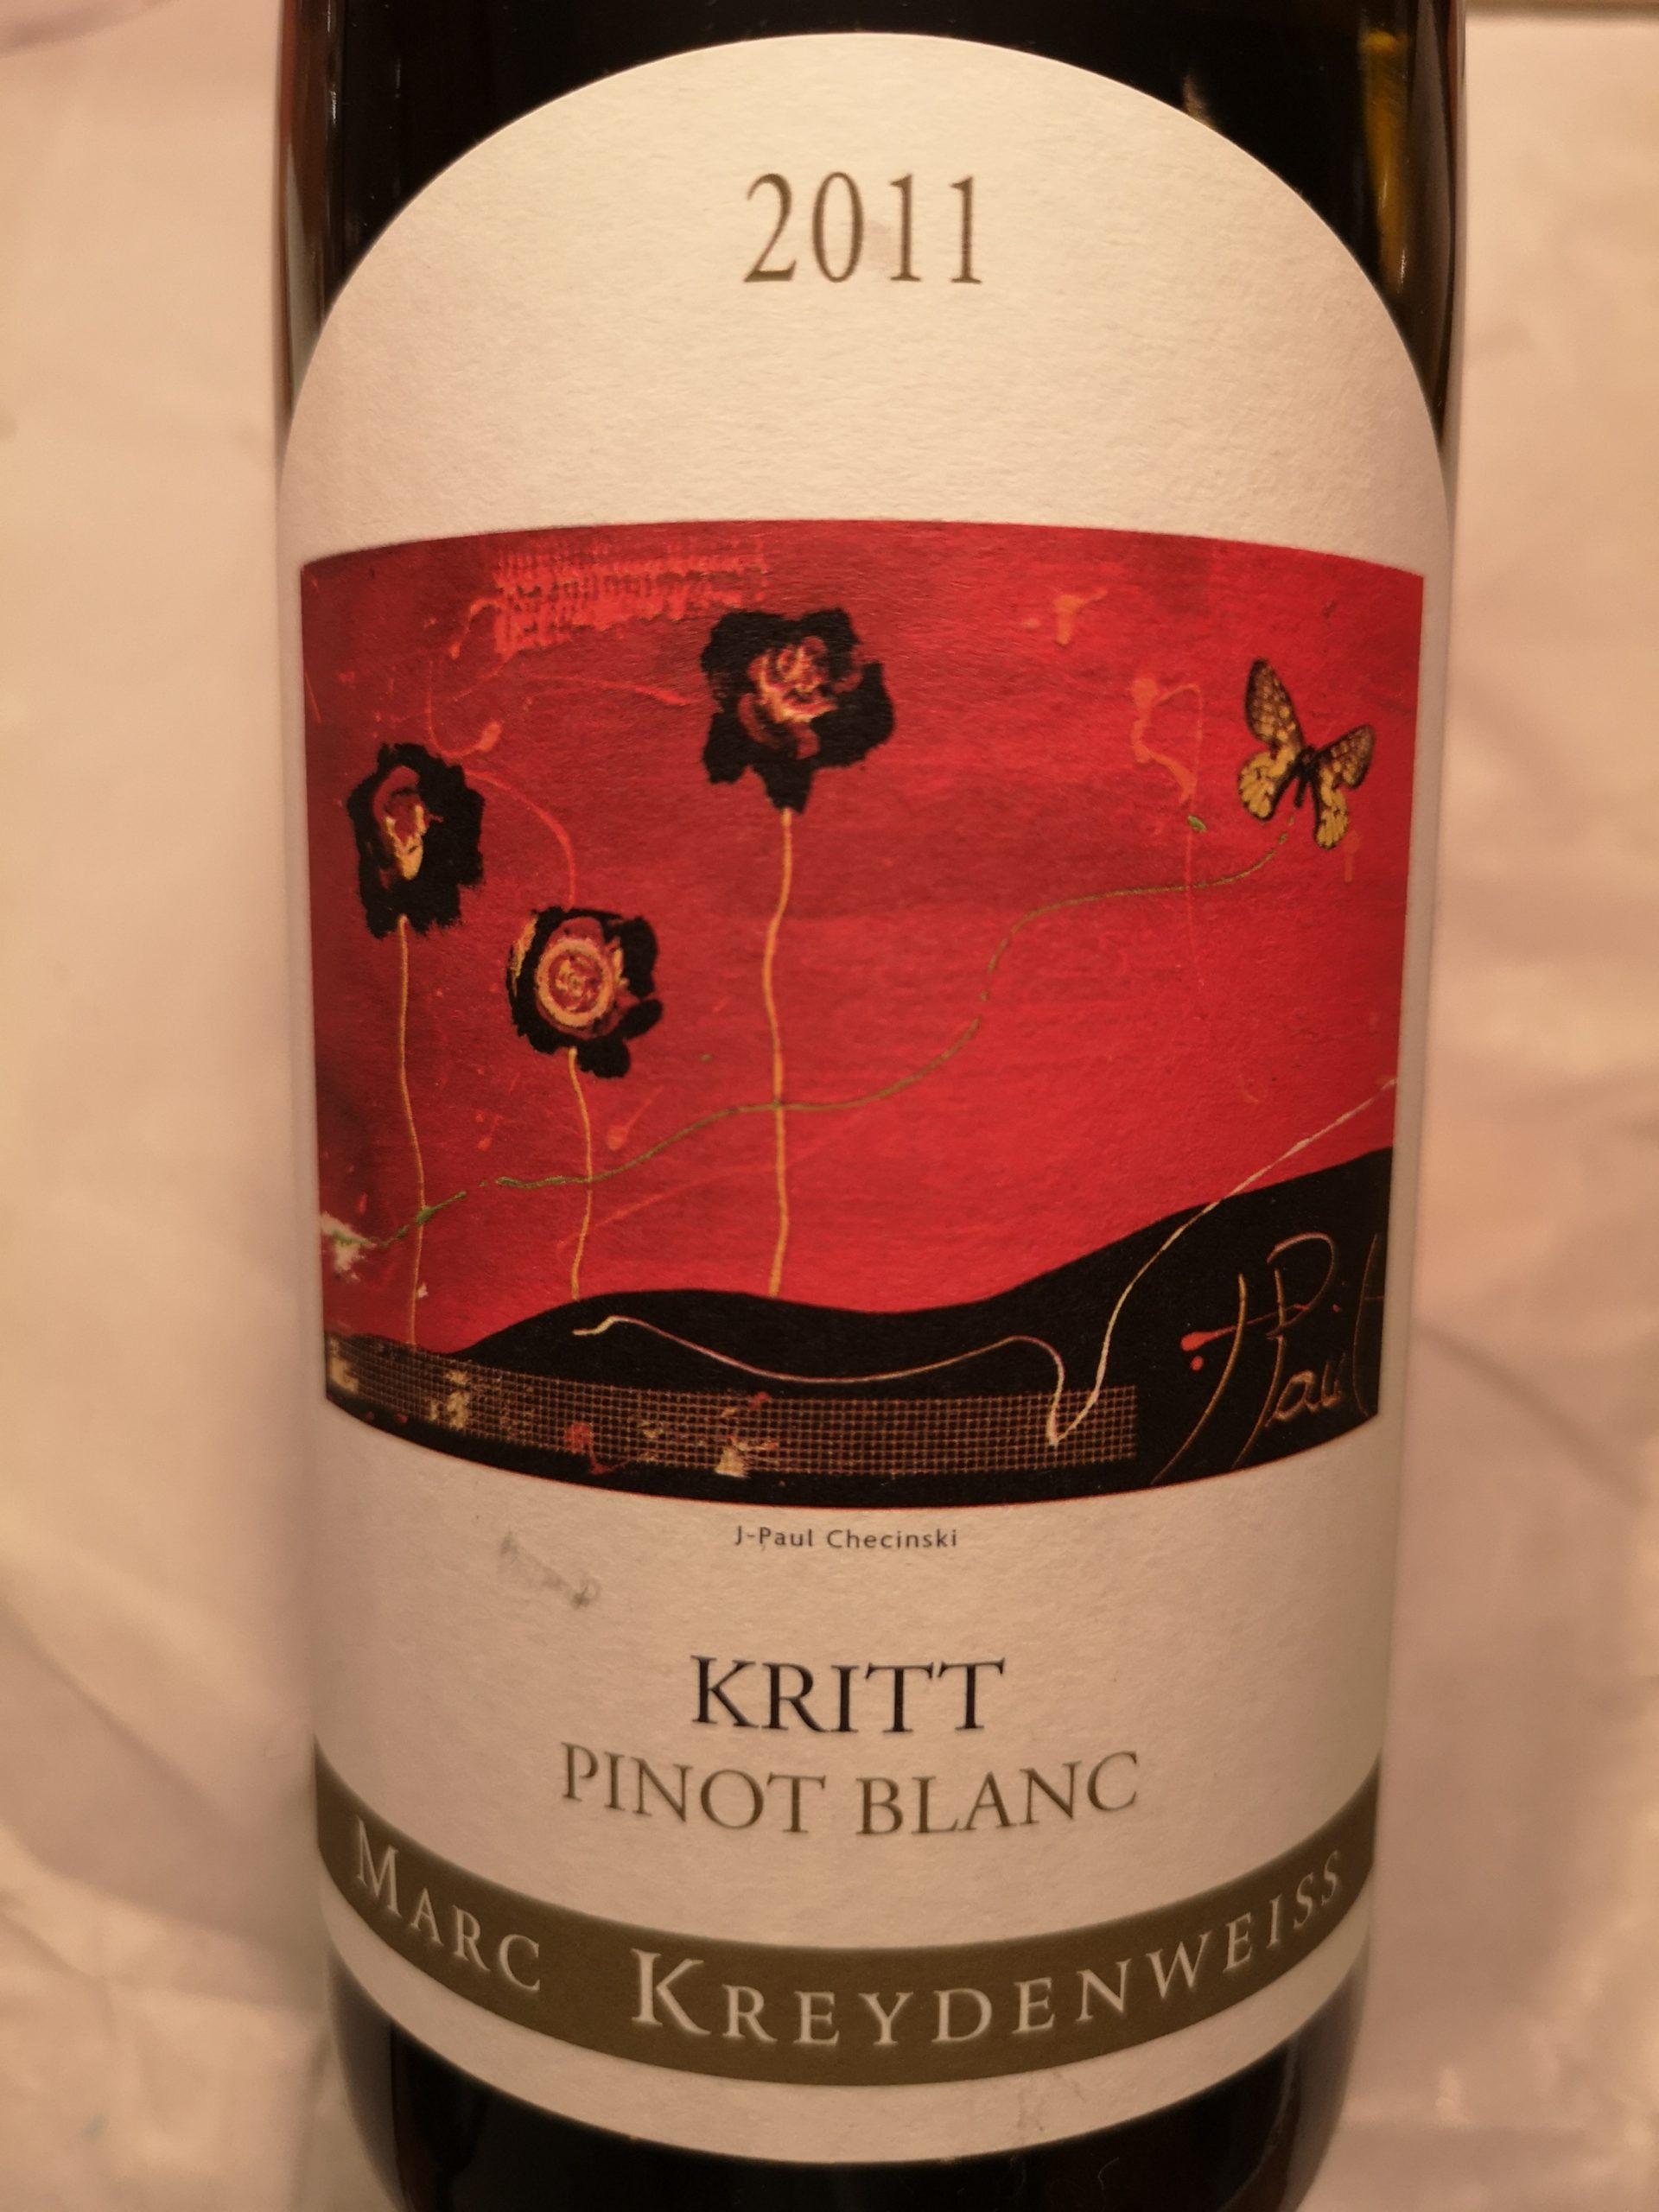 2011 Pinot Blanc Kritt | Kreydenweiss